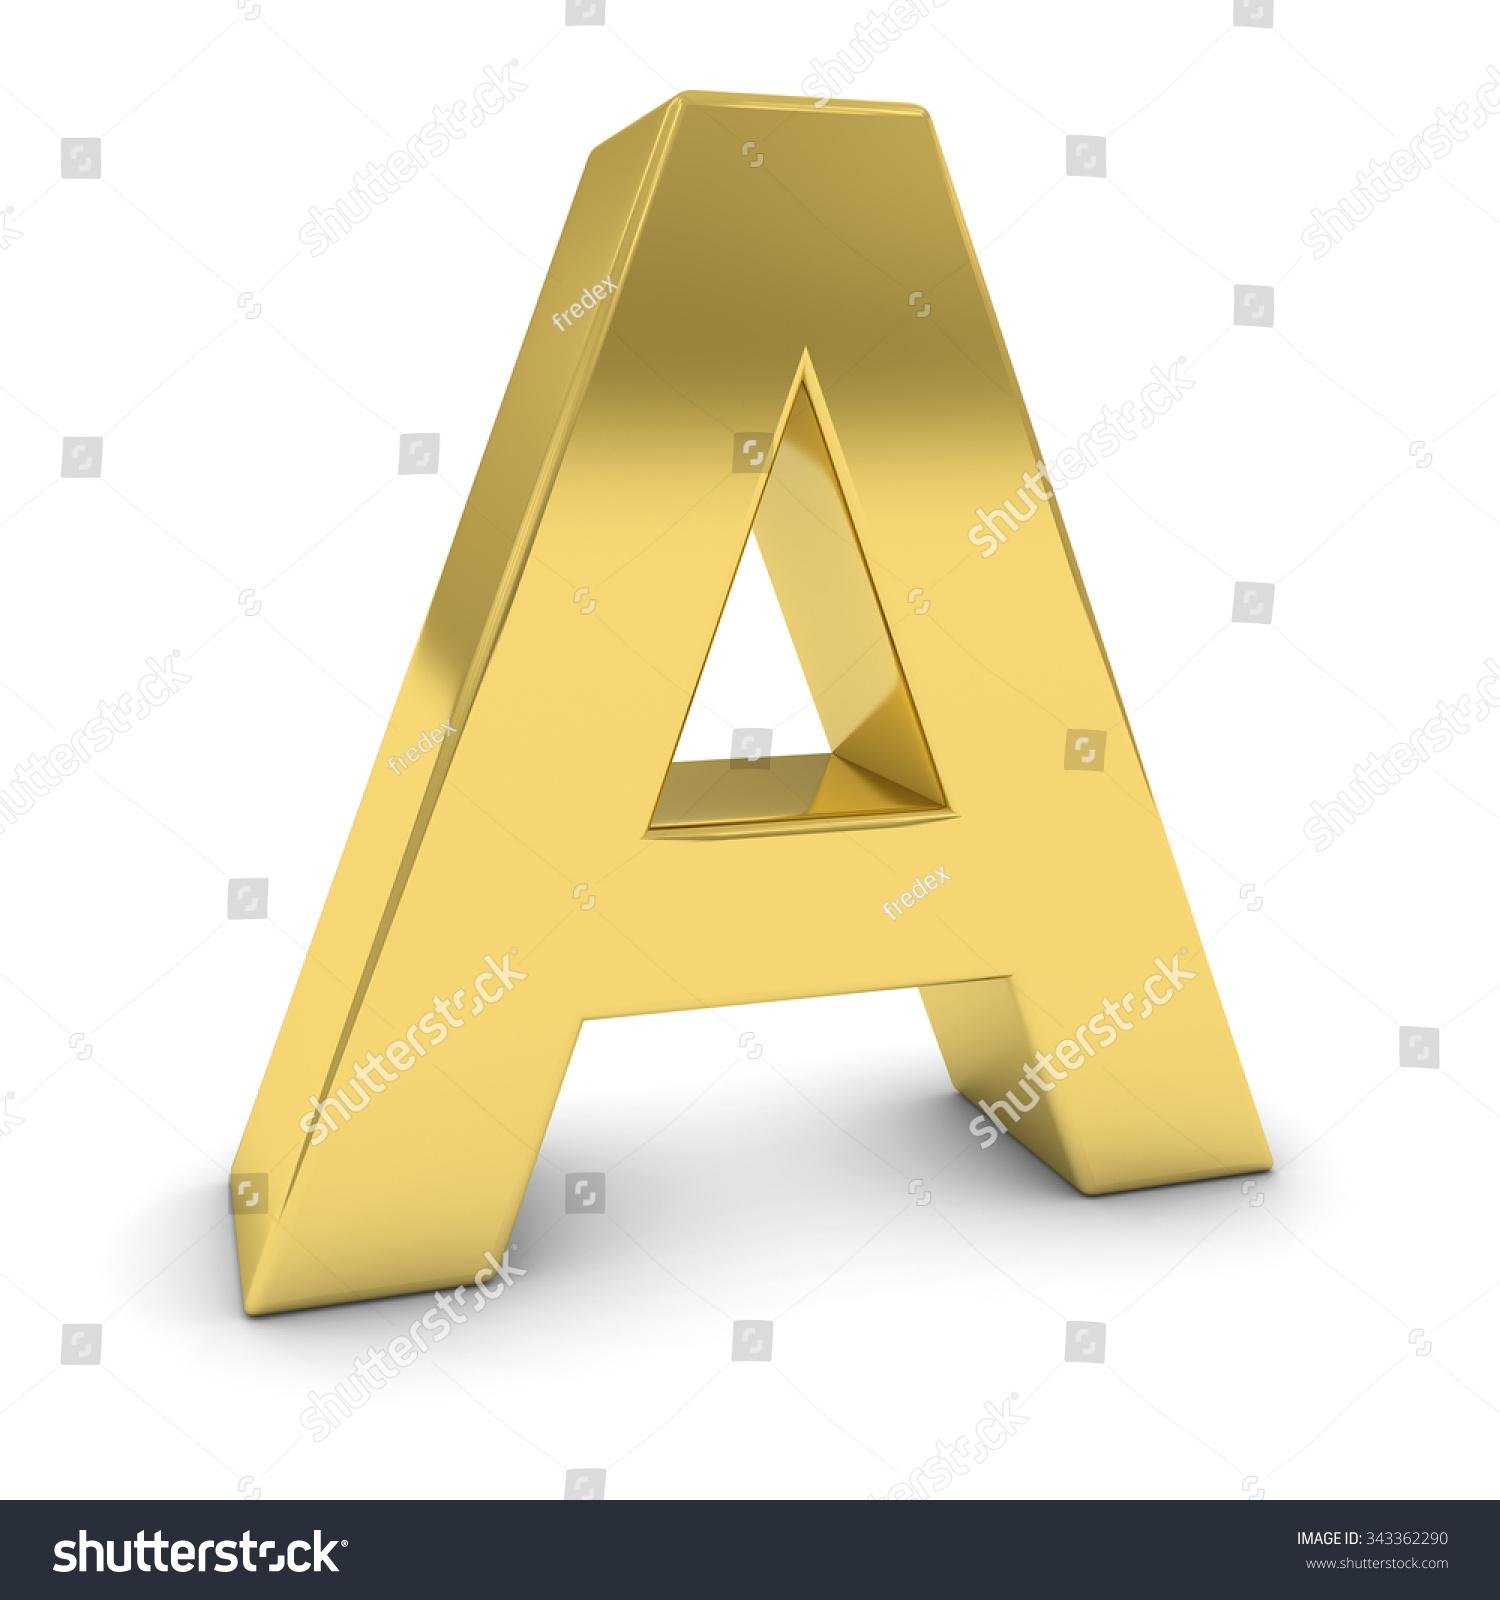 ��.d:-a:+�_黄金3 d大写字母a孤立在白色的阴影-物体,符号/标志